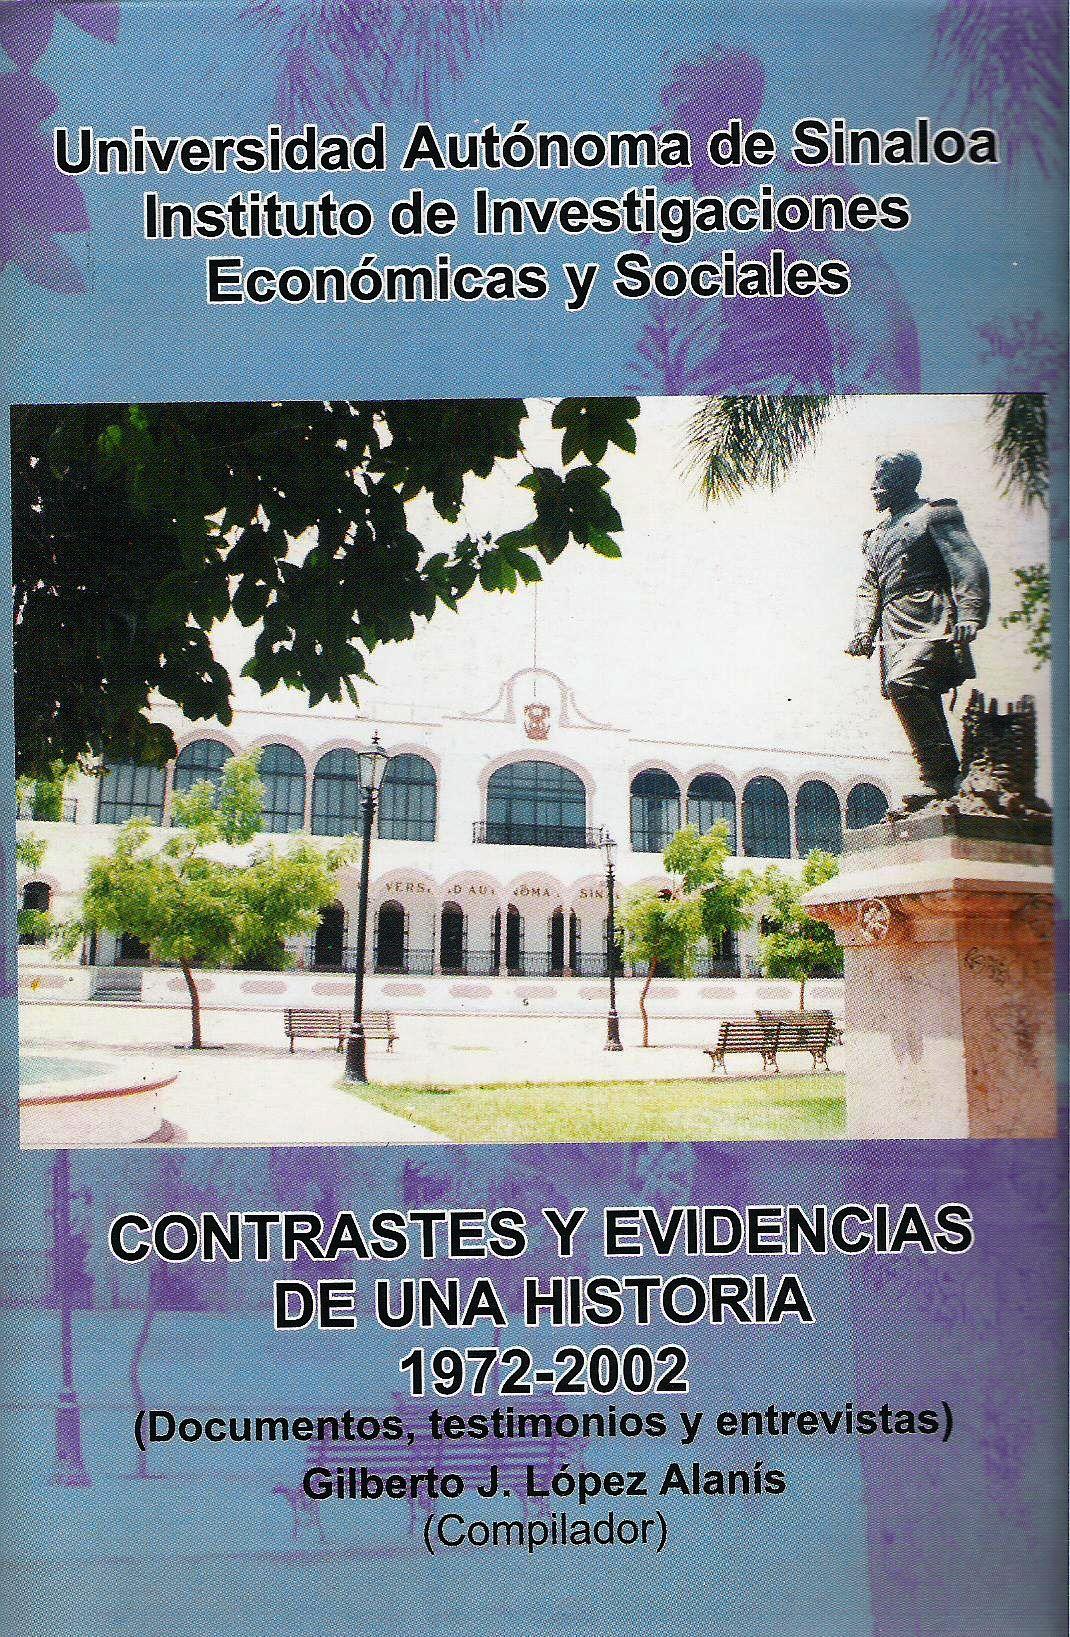 Contrastes y evidencias de una historia 1972-2002